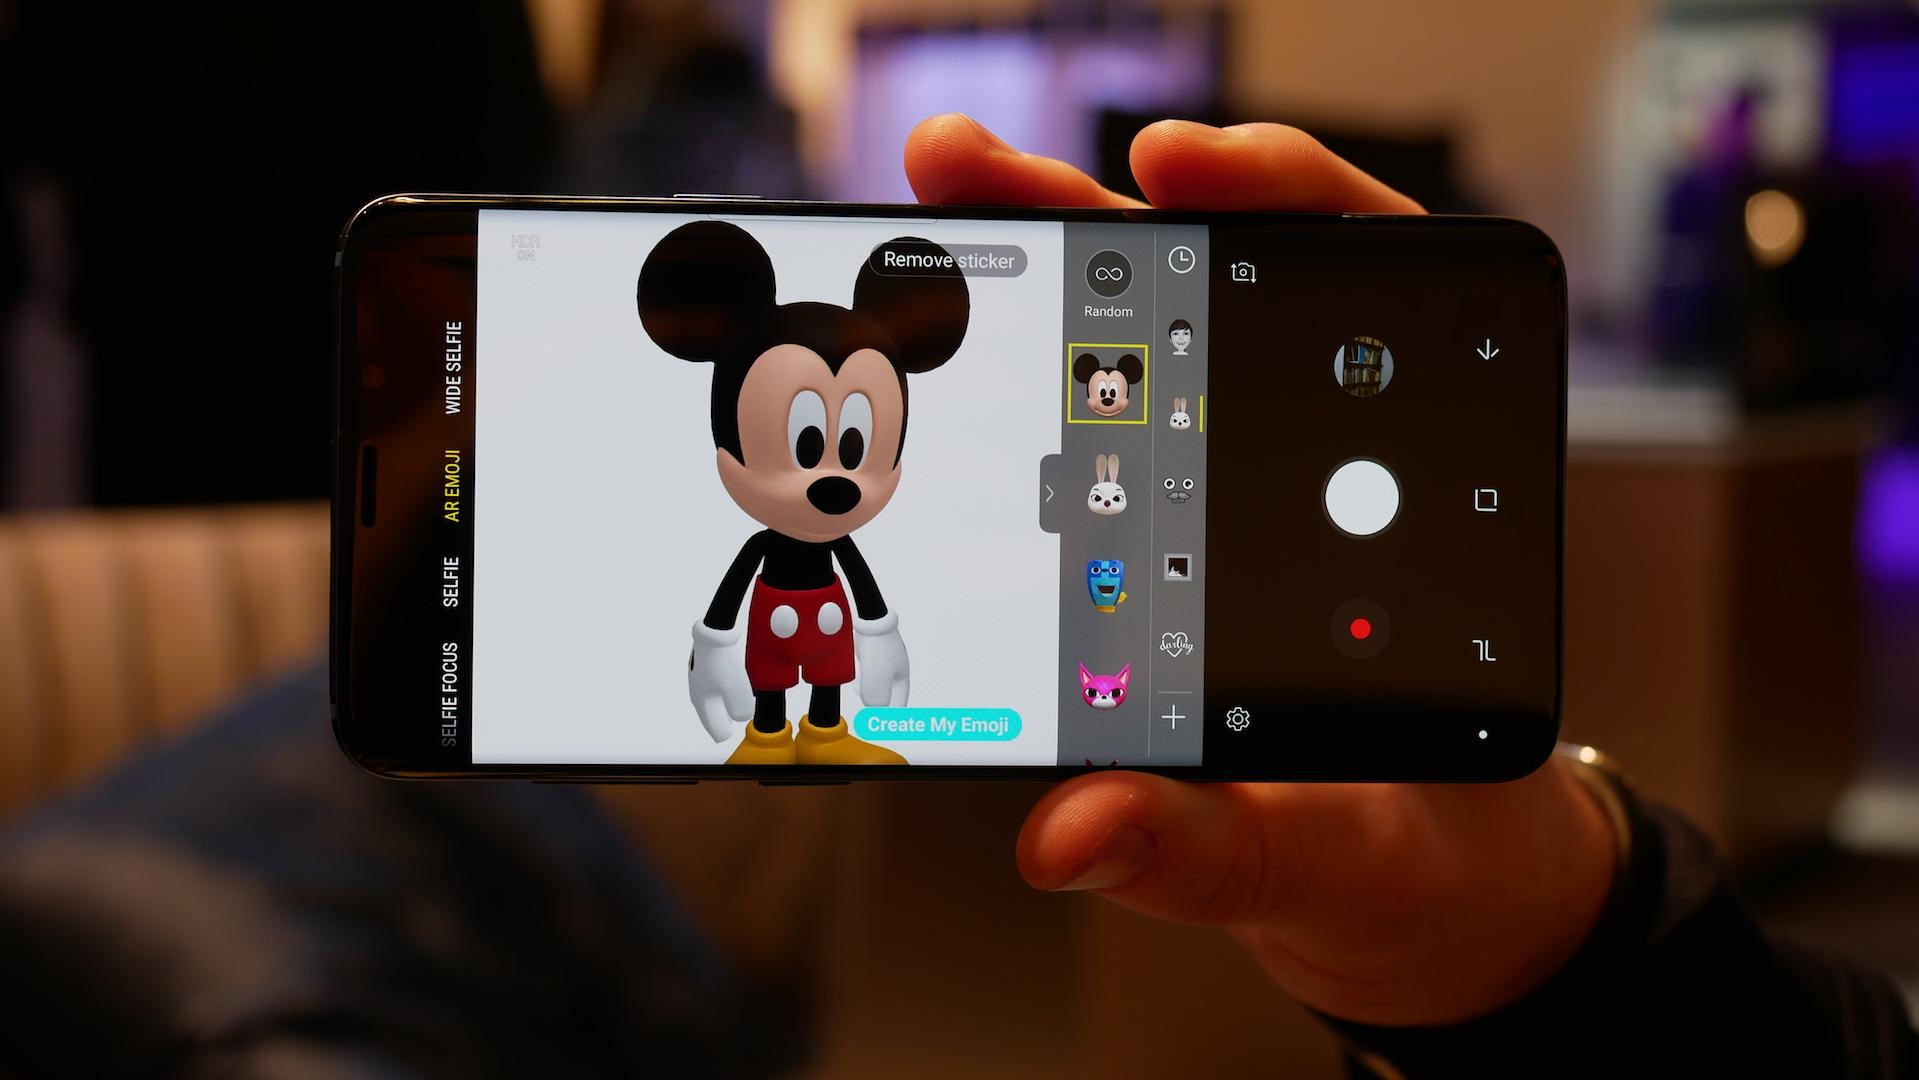 स्मार्टफोन फोटोग्राफीका लागि उपयोगी एप्सहरू